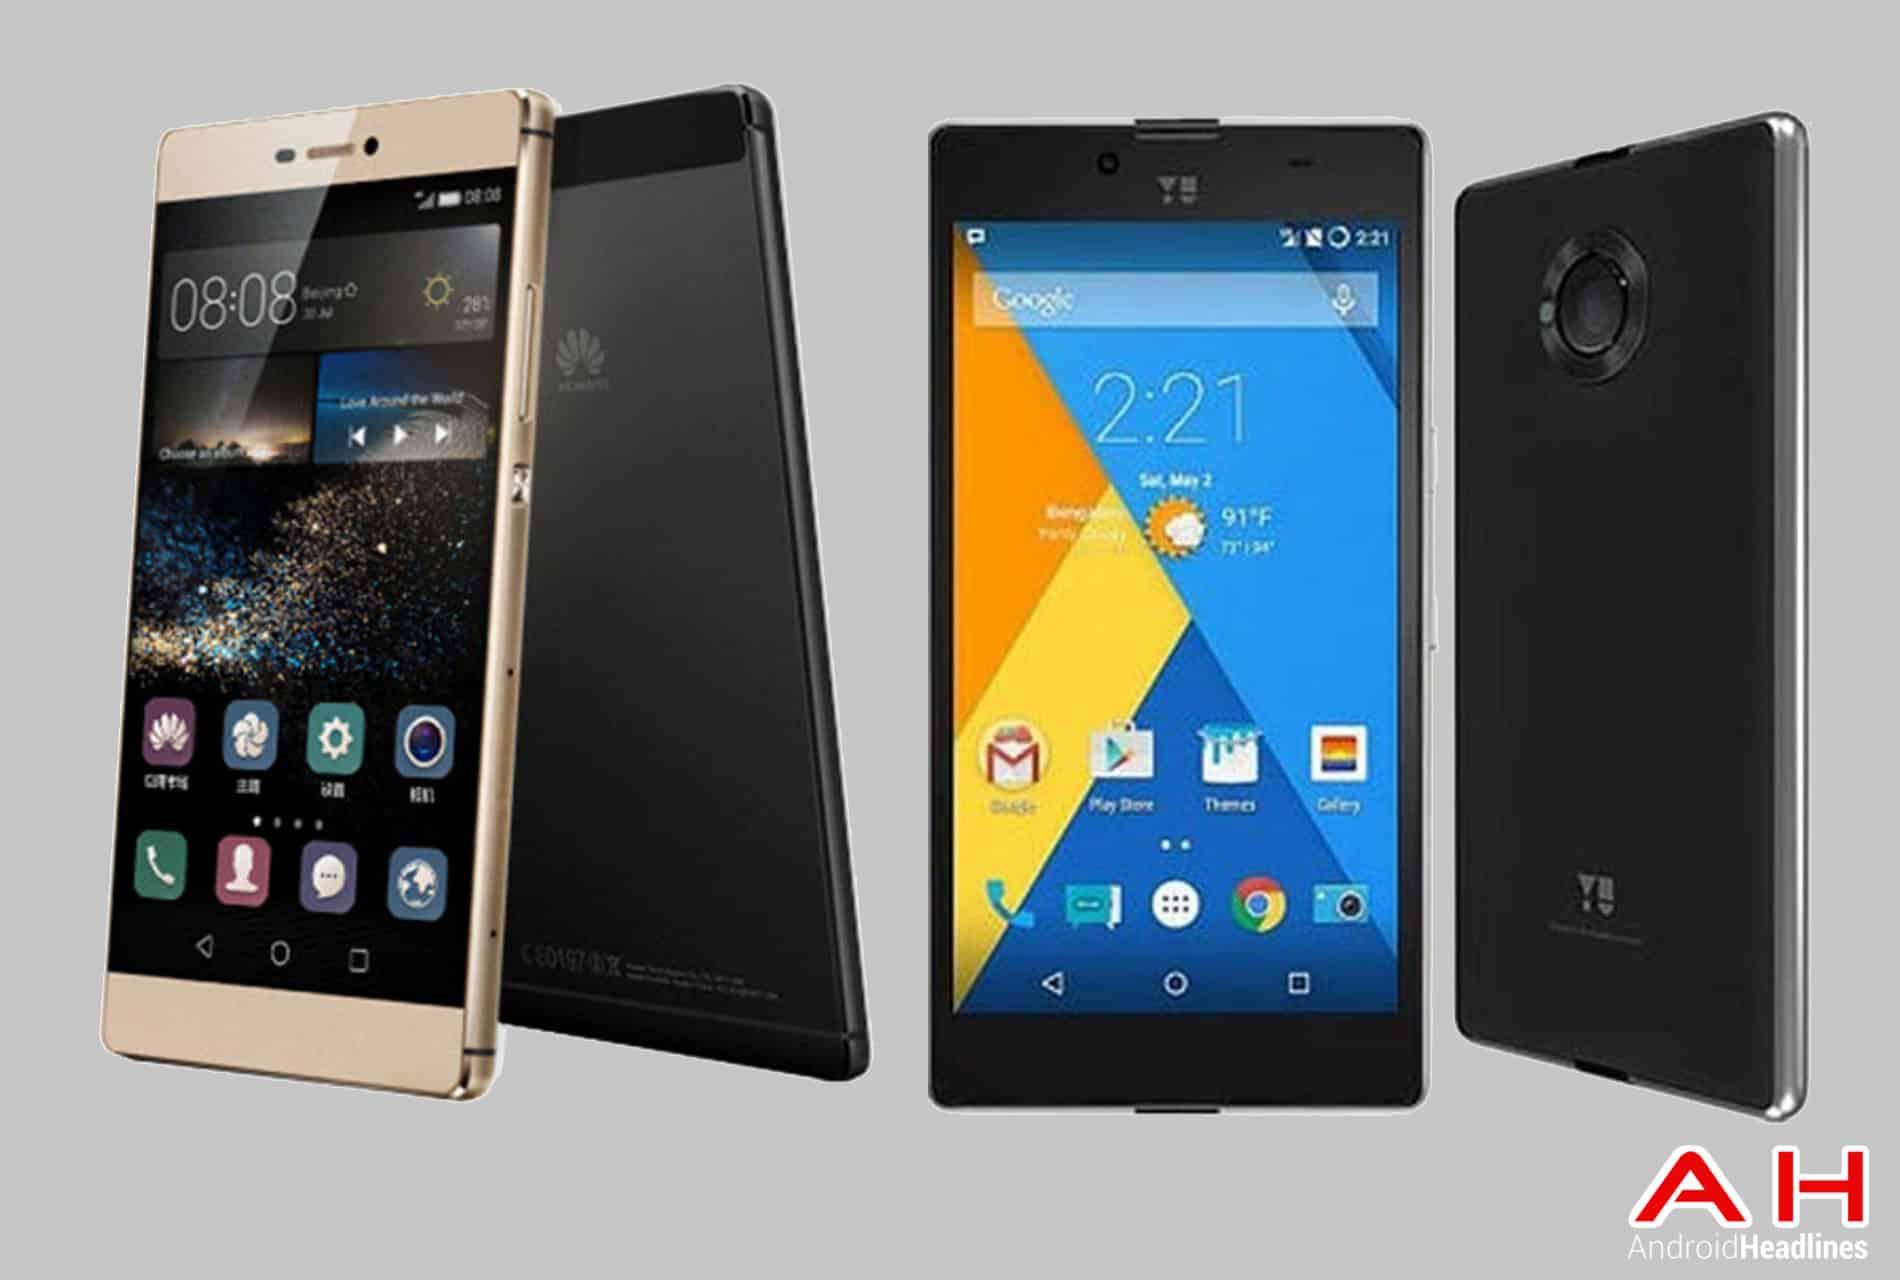 Huawei P8 vs Yuphoria cam 2 AH